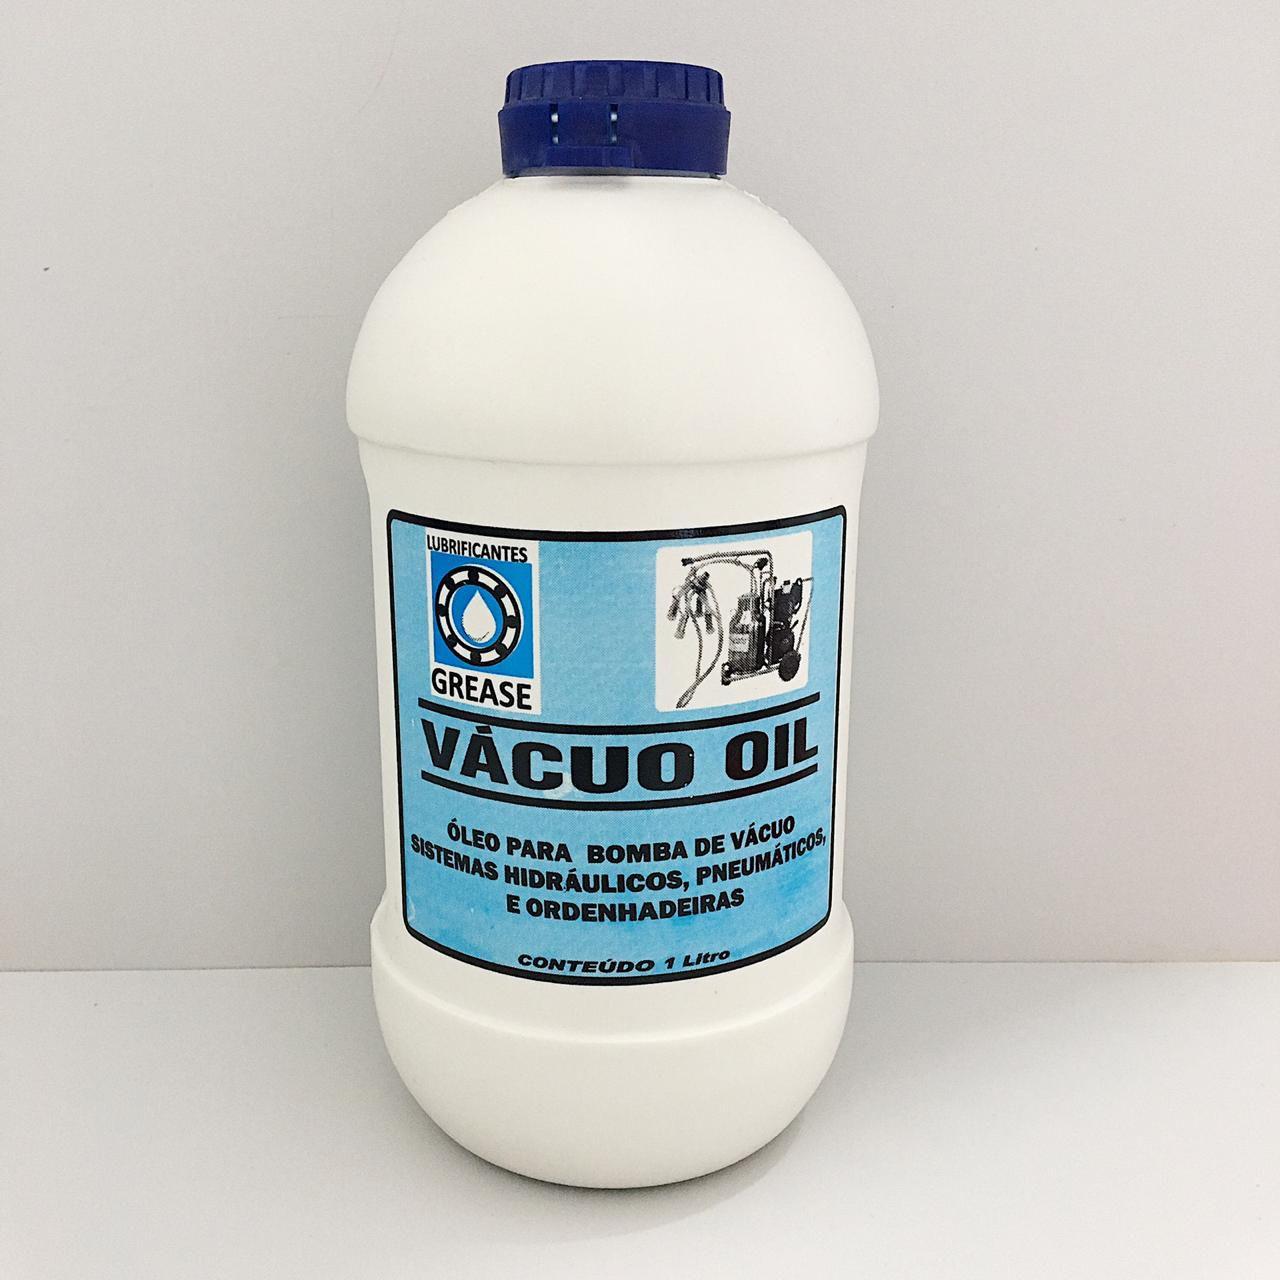 Óleo Lubrificante Para Bomba De Vácuo Refrigeração 1 Litro - Vácuo Oil Grease